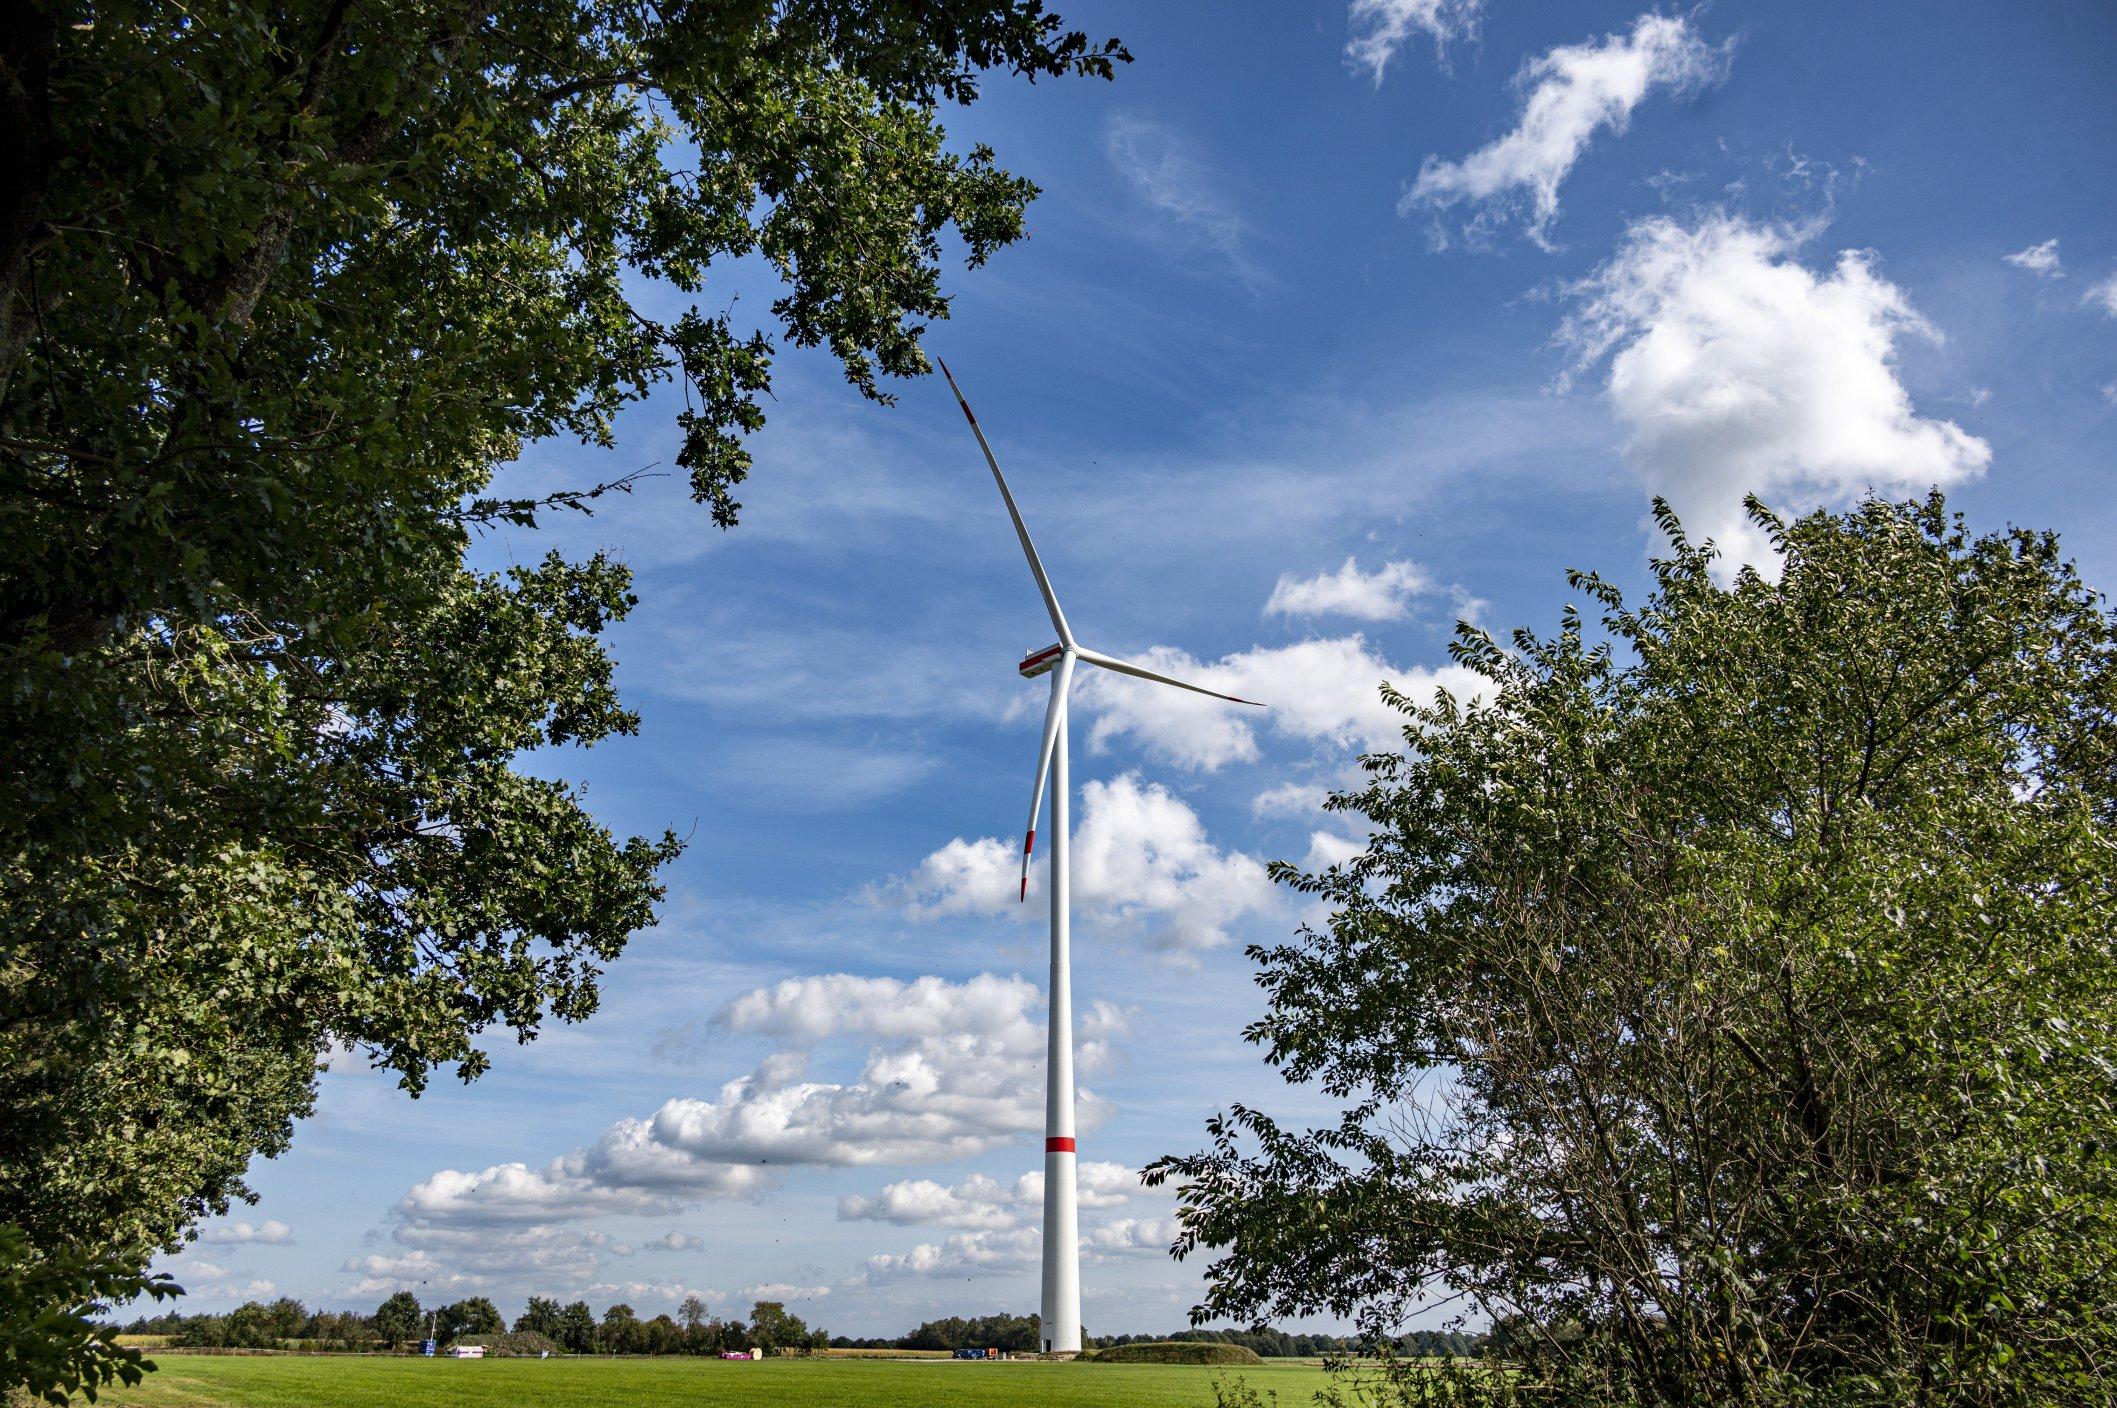 Erneuerbare Energiequellen aus der Heimat sind gut für grünen Wasserstoff